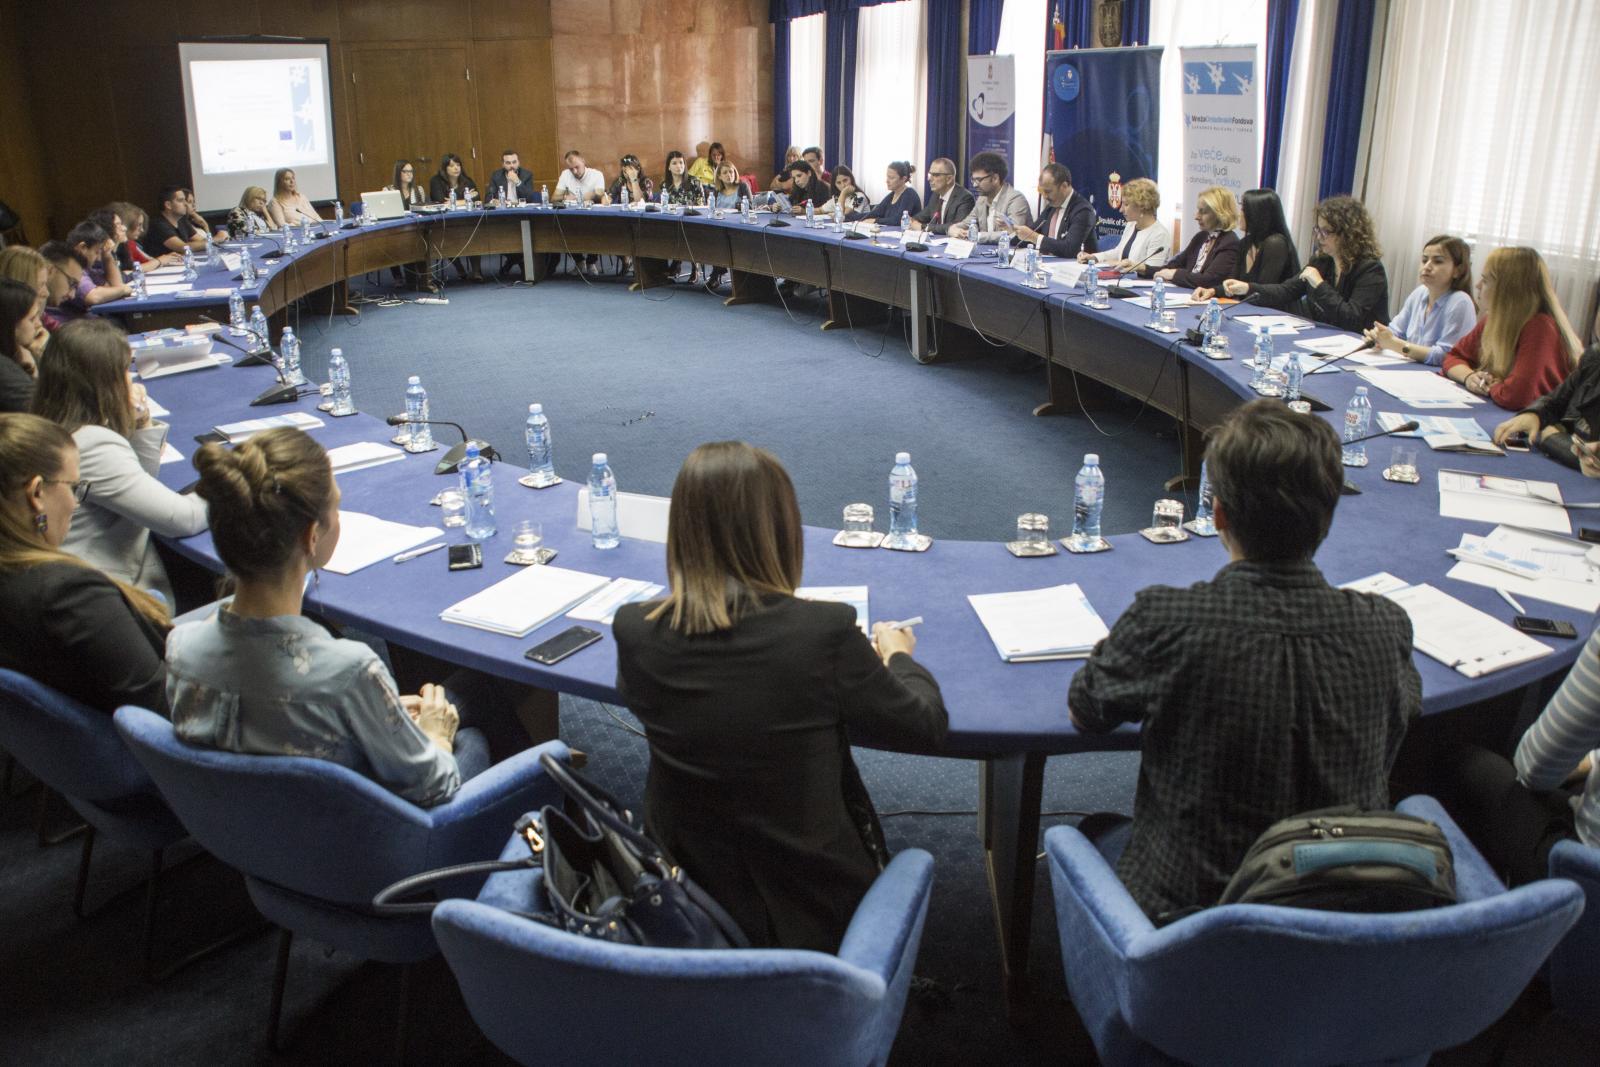 Државни секретар Дарко Станић на отварању округлог стола о положају младих на Западном Балкану и Турској